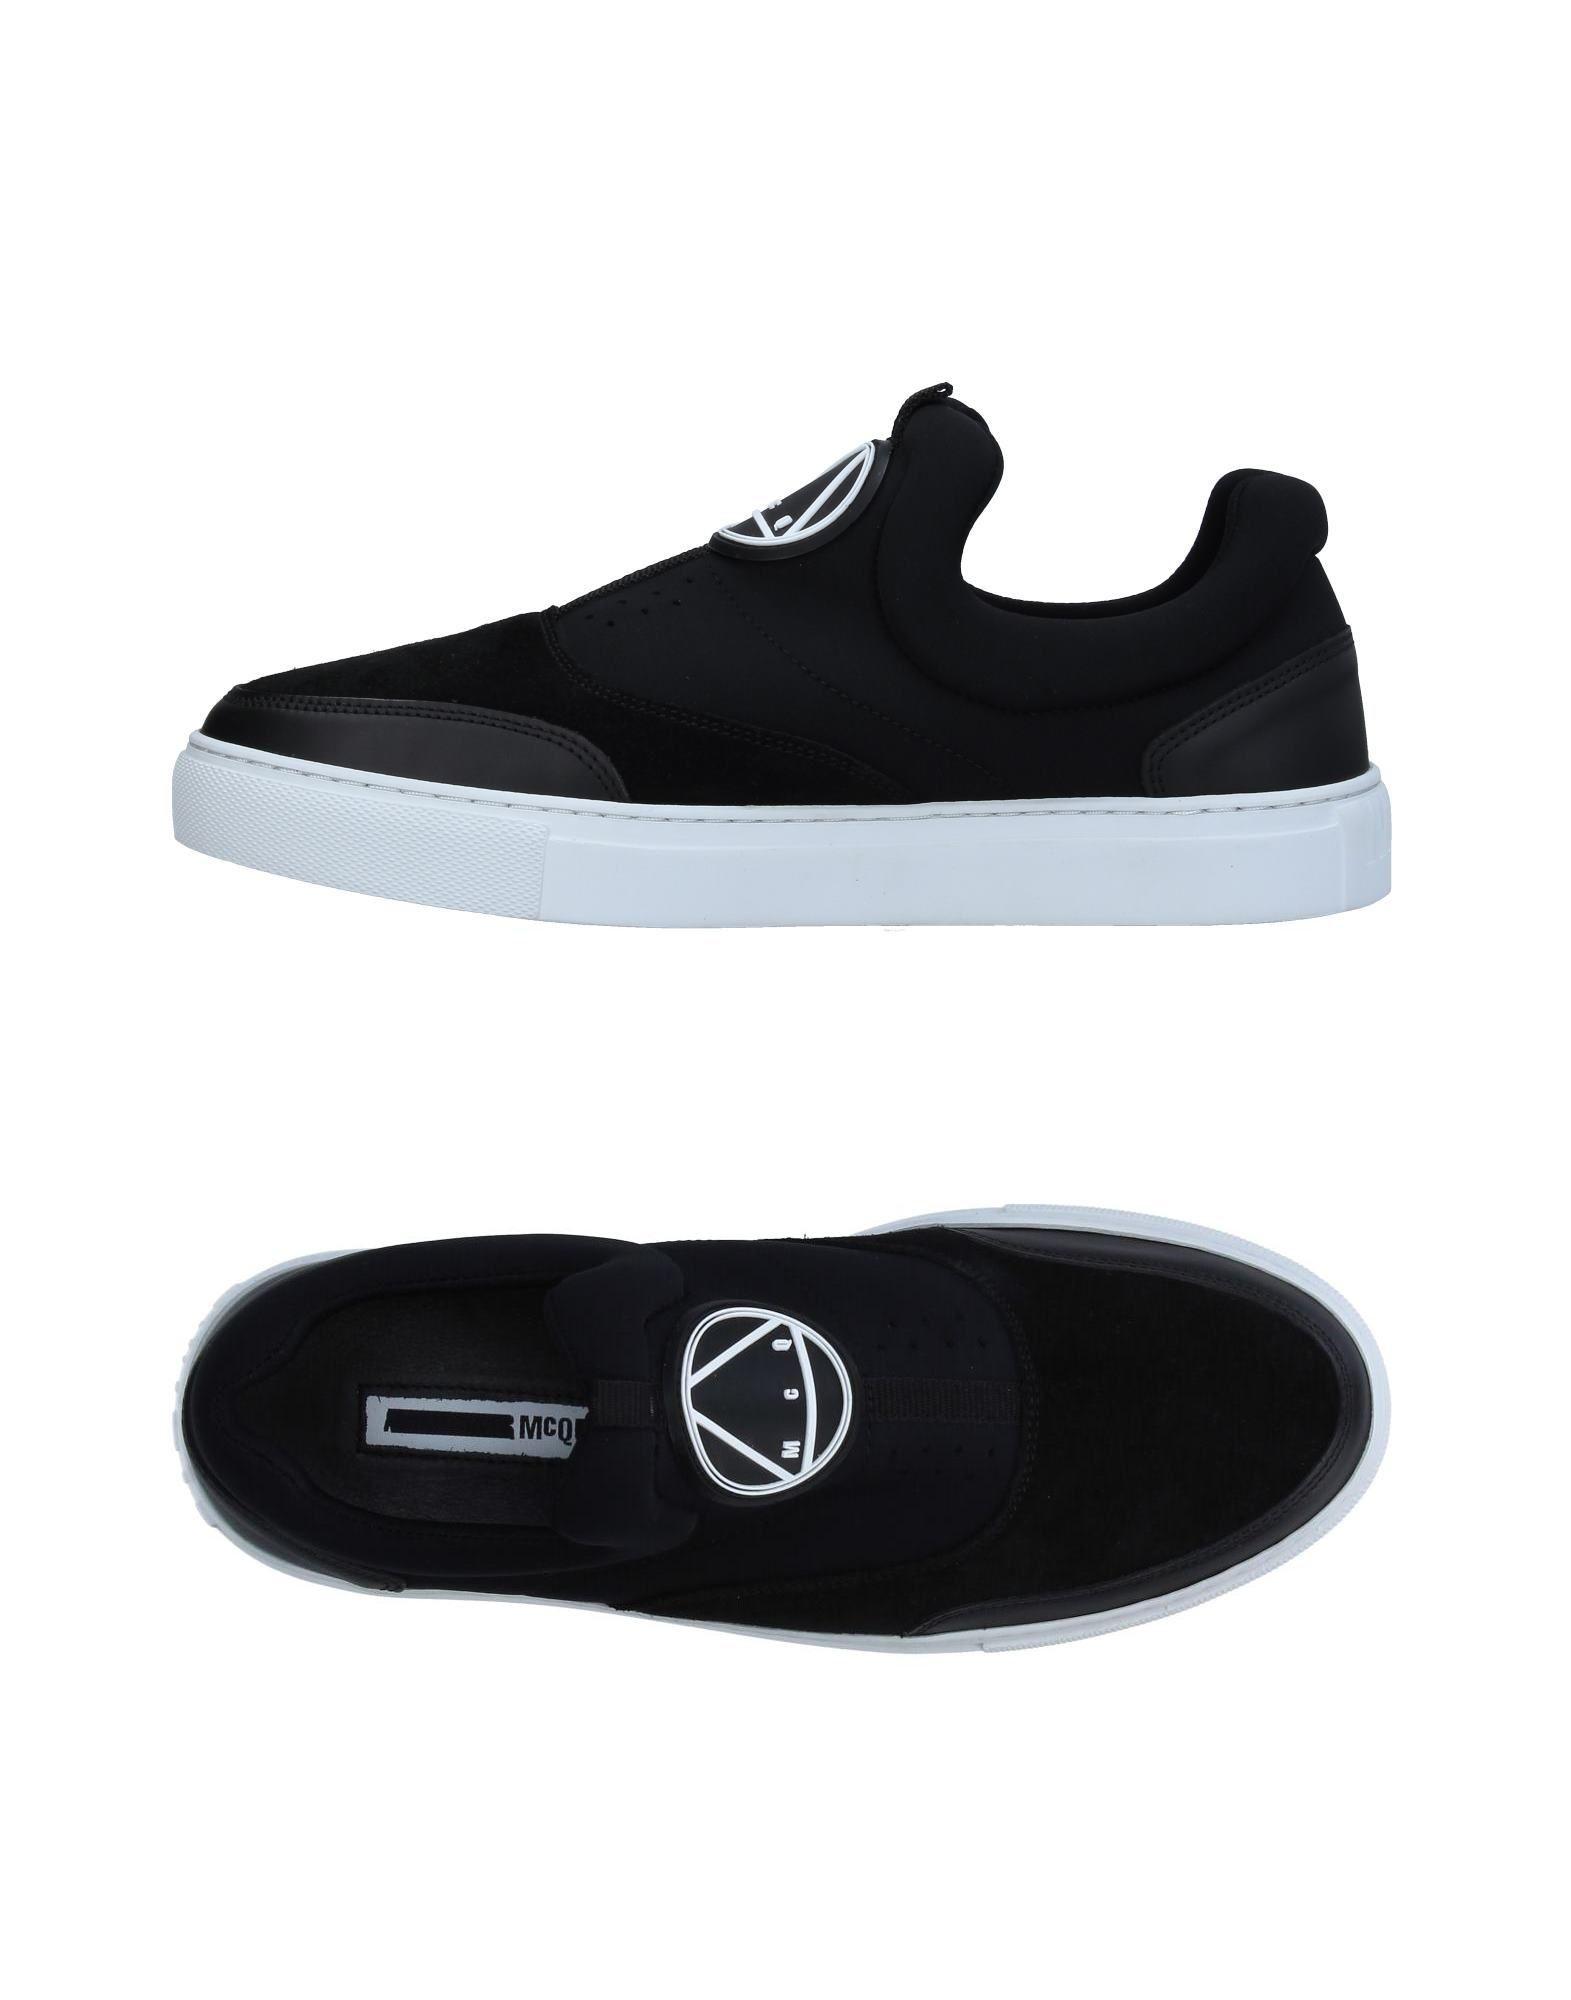 Mcq Alexander Mcqueen Sneakers Herren  11362174PL